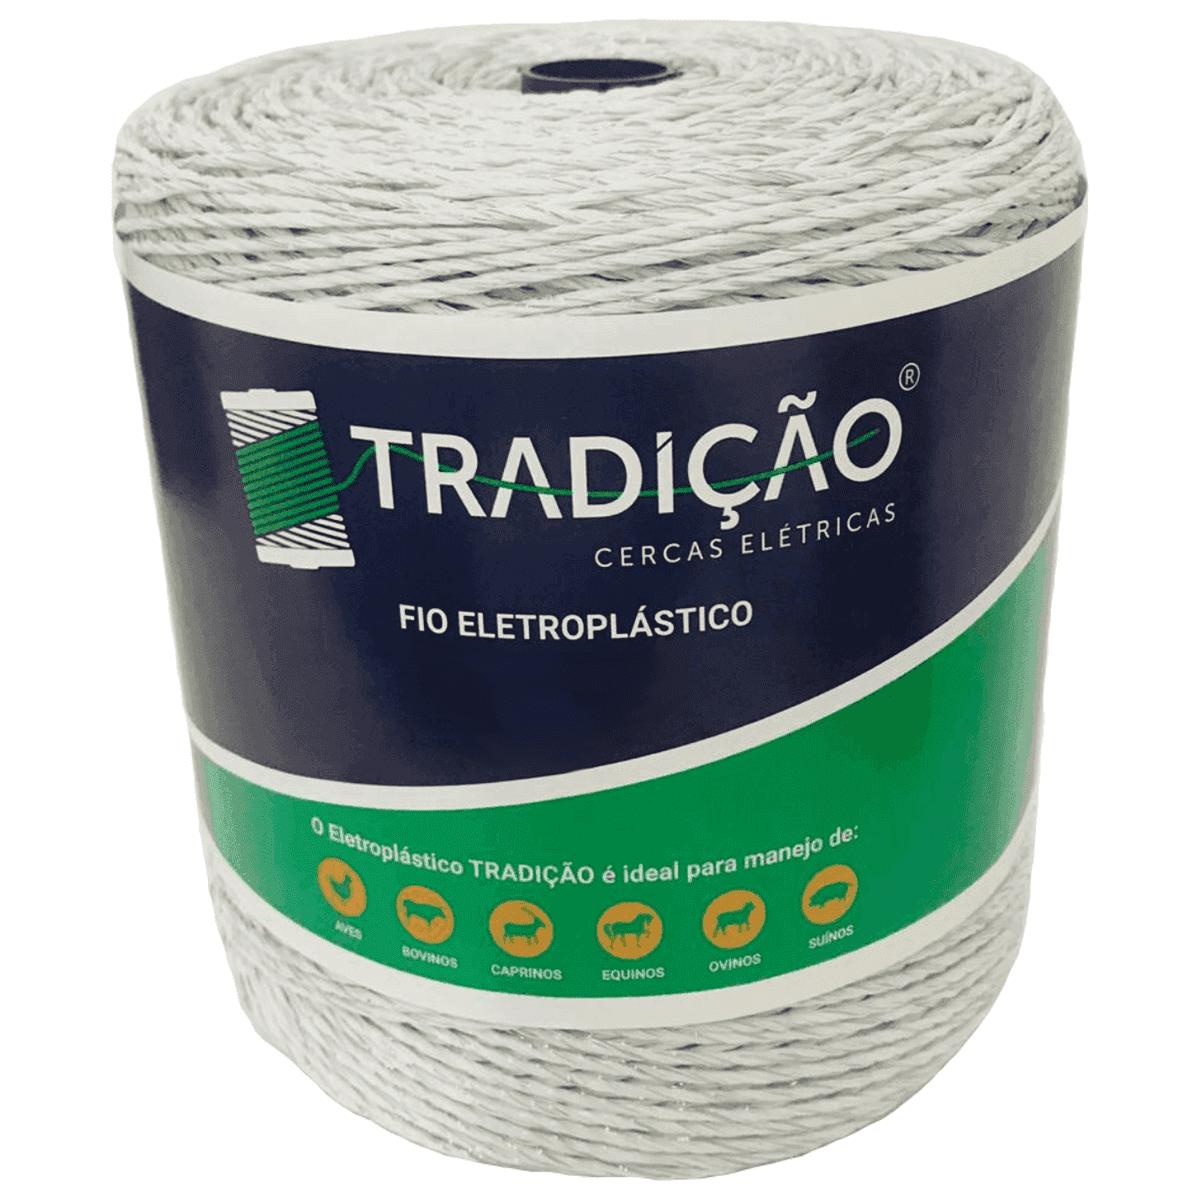 Fio Para Cerca Elétrica Rural Industrial Residencial Eletroplastico - 1500 Metros  - Ambientude Agro e Pet